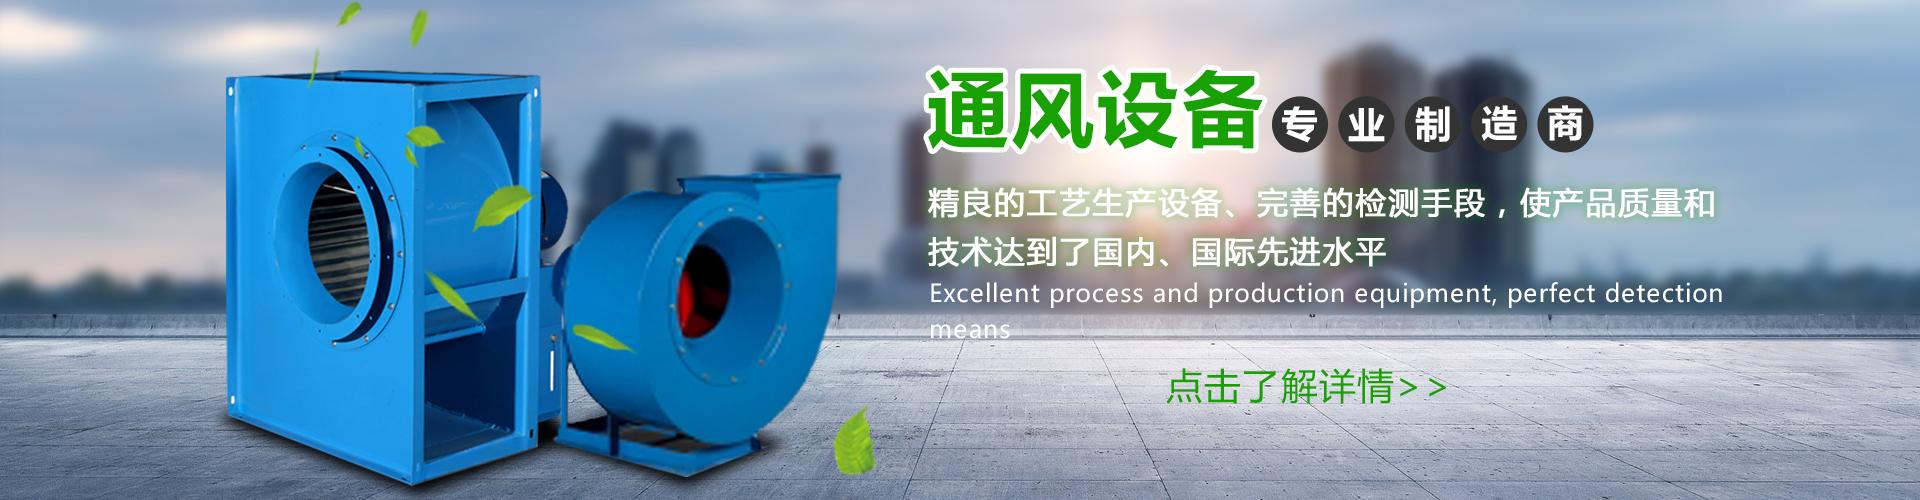 湖南九洲bobAPP应用